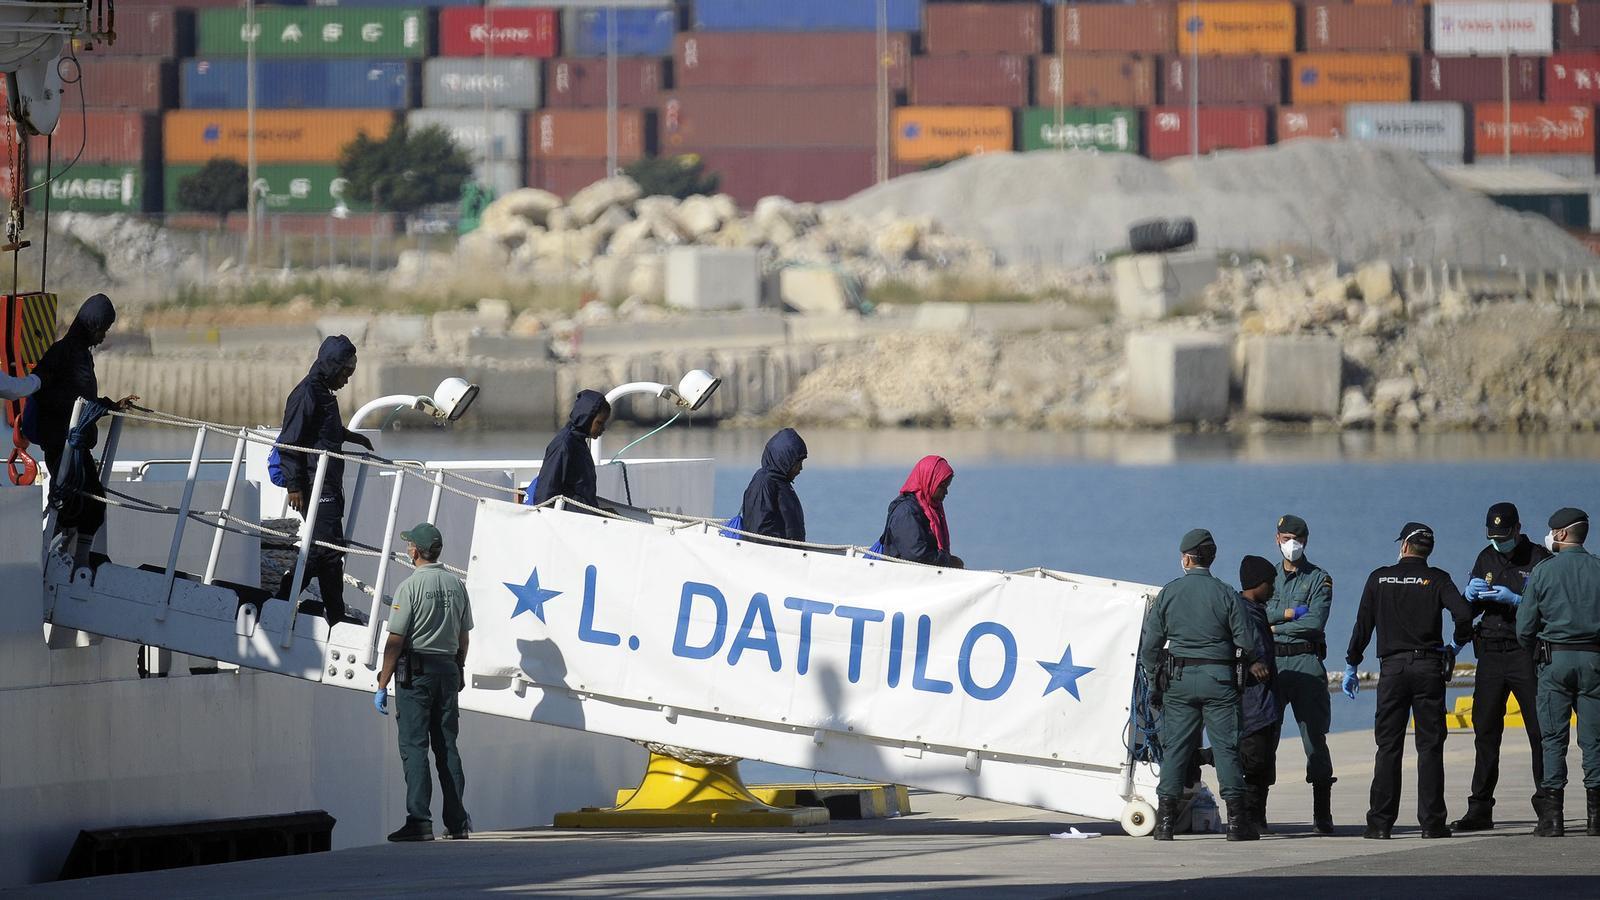 Acaba l'odissea de l''Aquarius' amb la incògnita del futur dels migrants, i quatre notícies més del dia